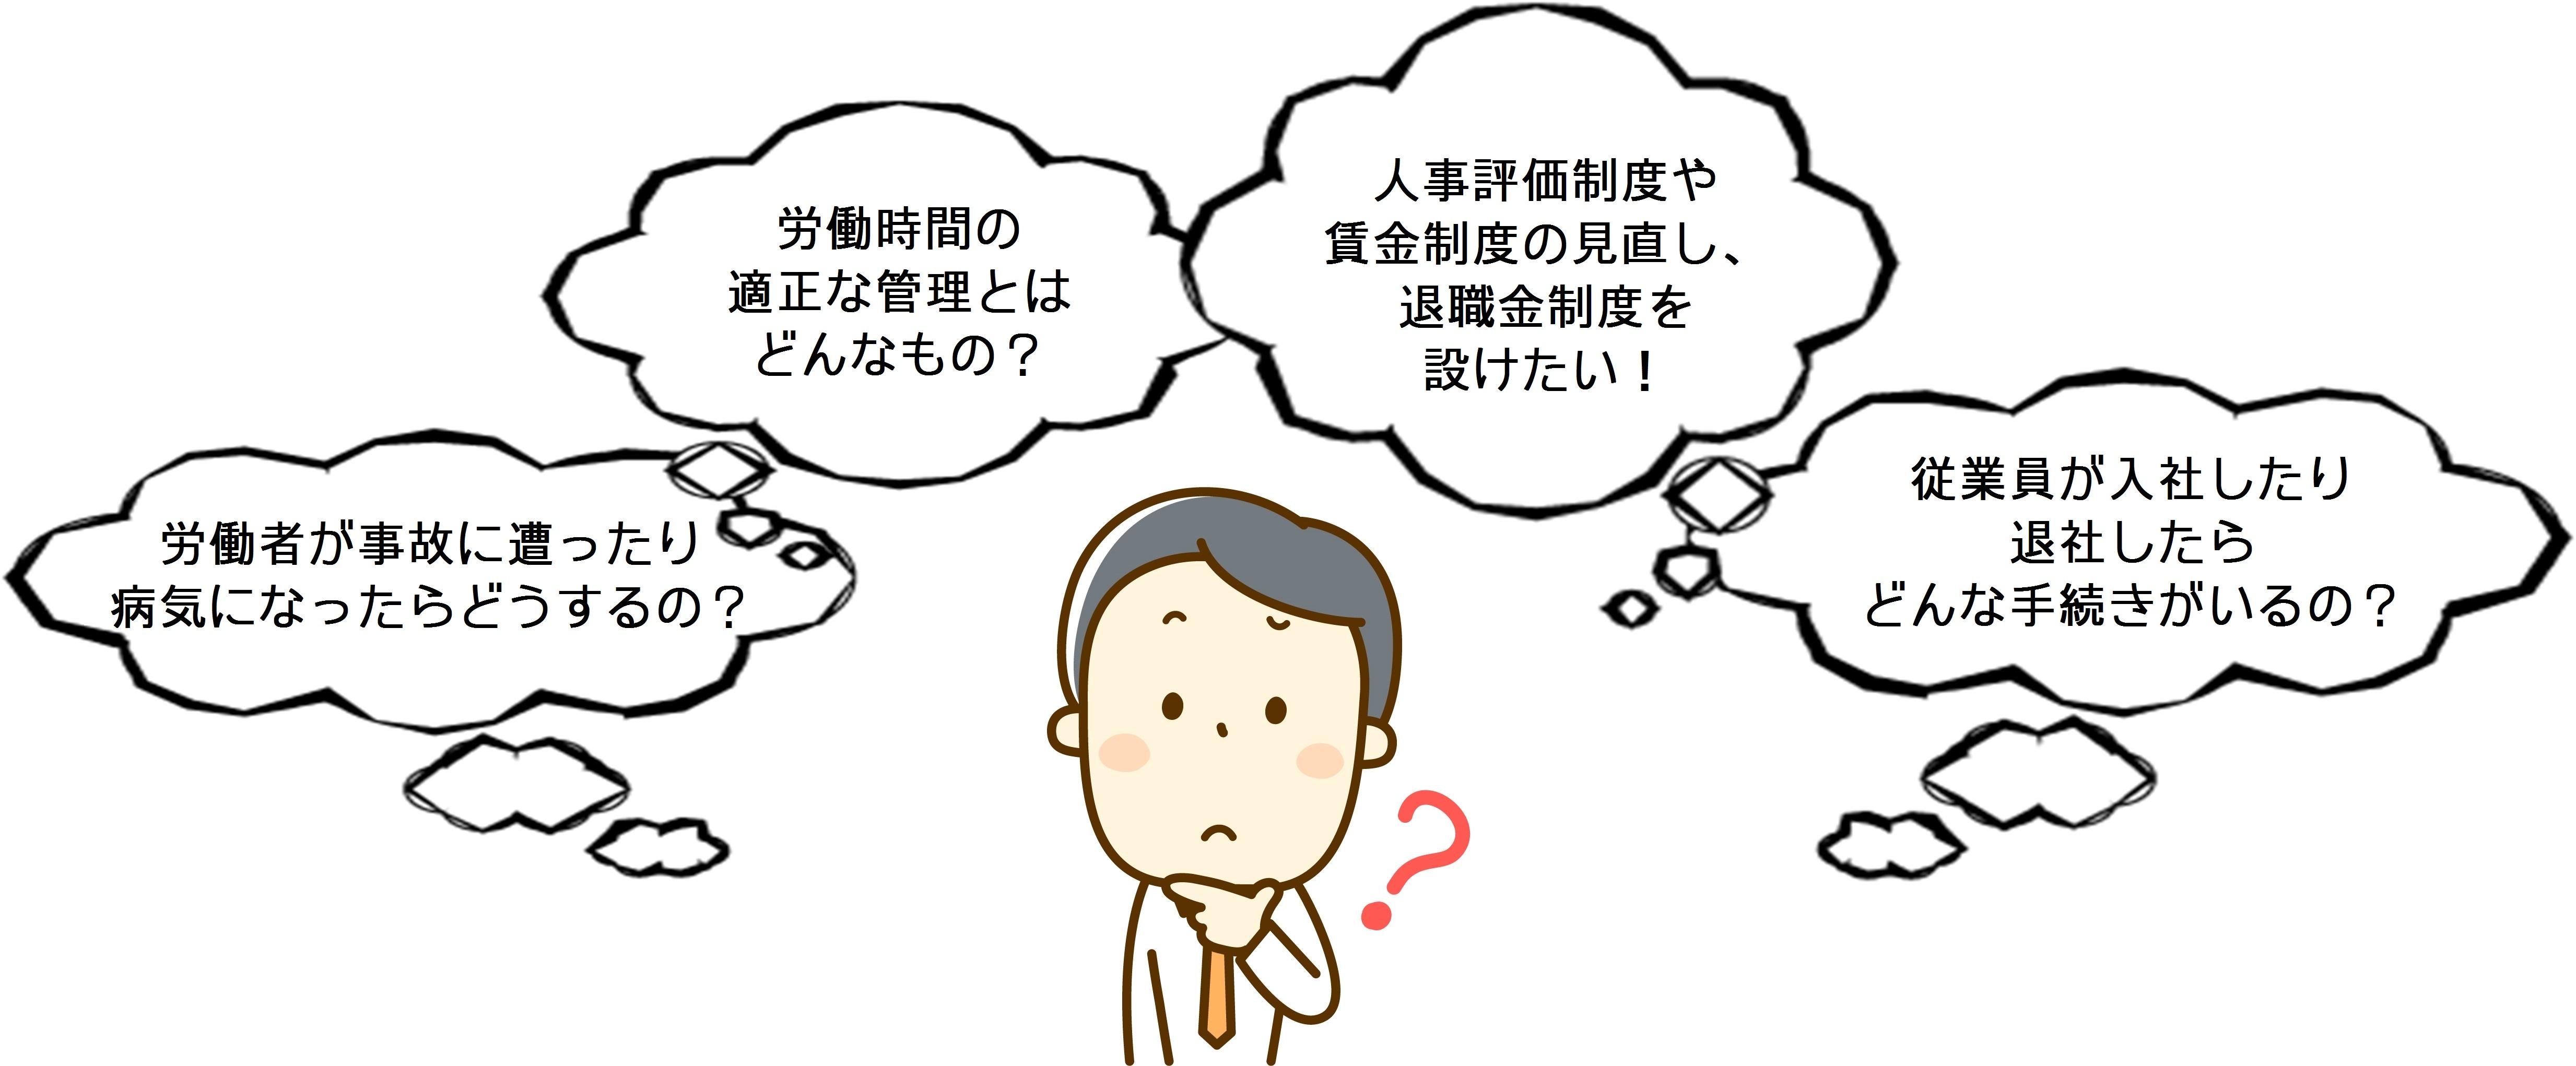 疑問を感じているビジネスマン(改変3)